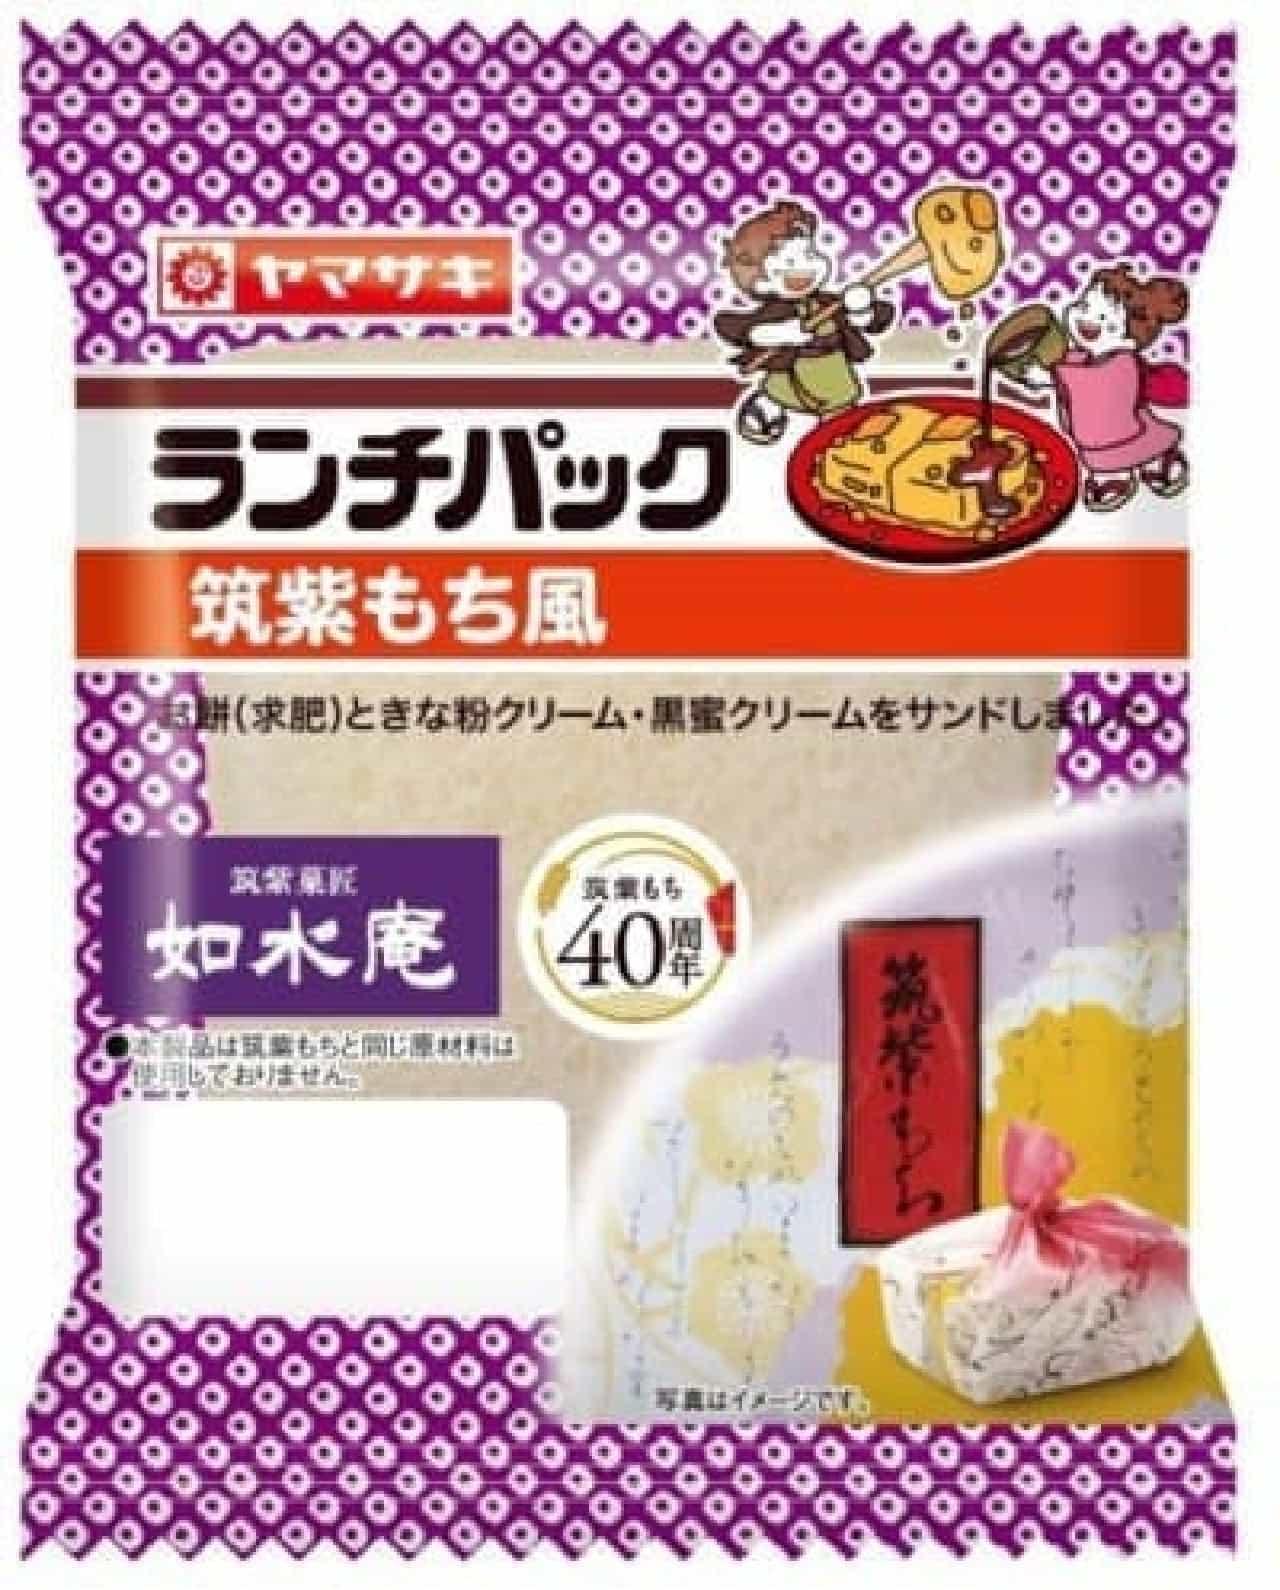 ヤマザキ「ランチパック 筑紫もち風」